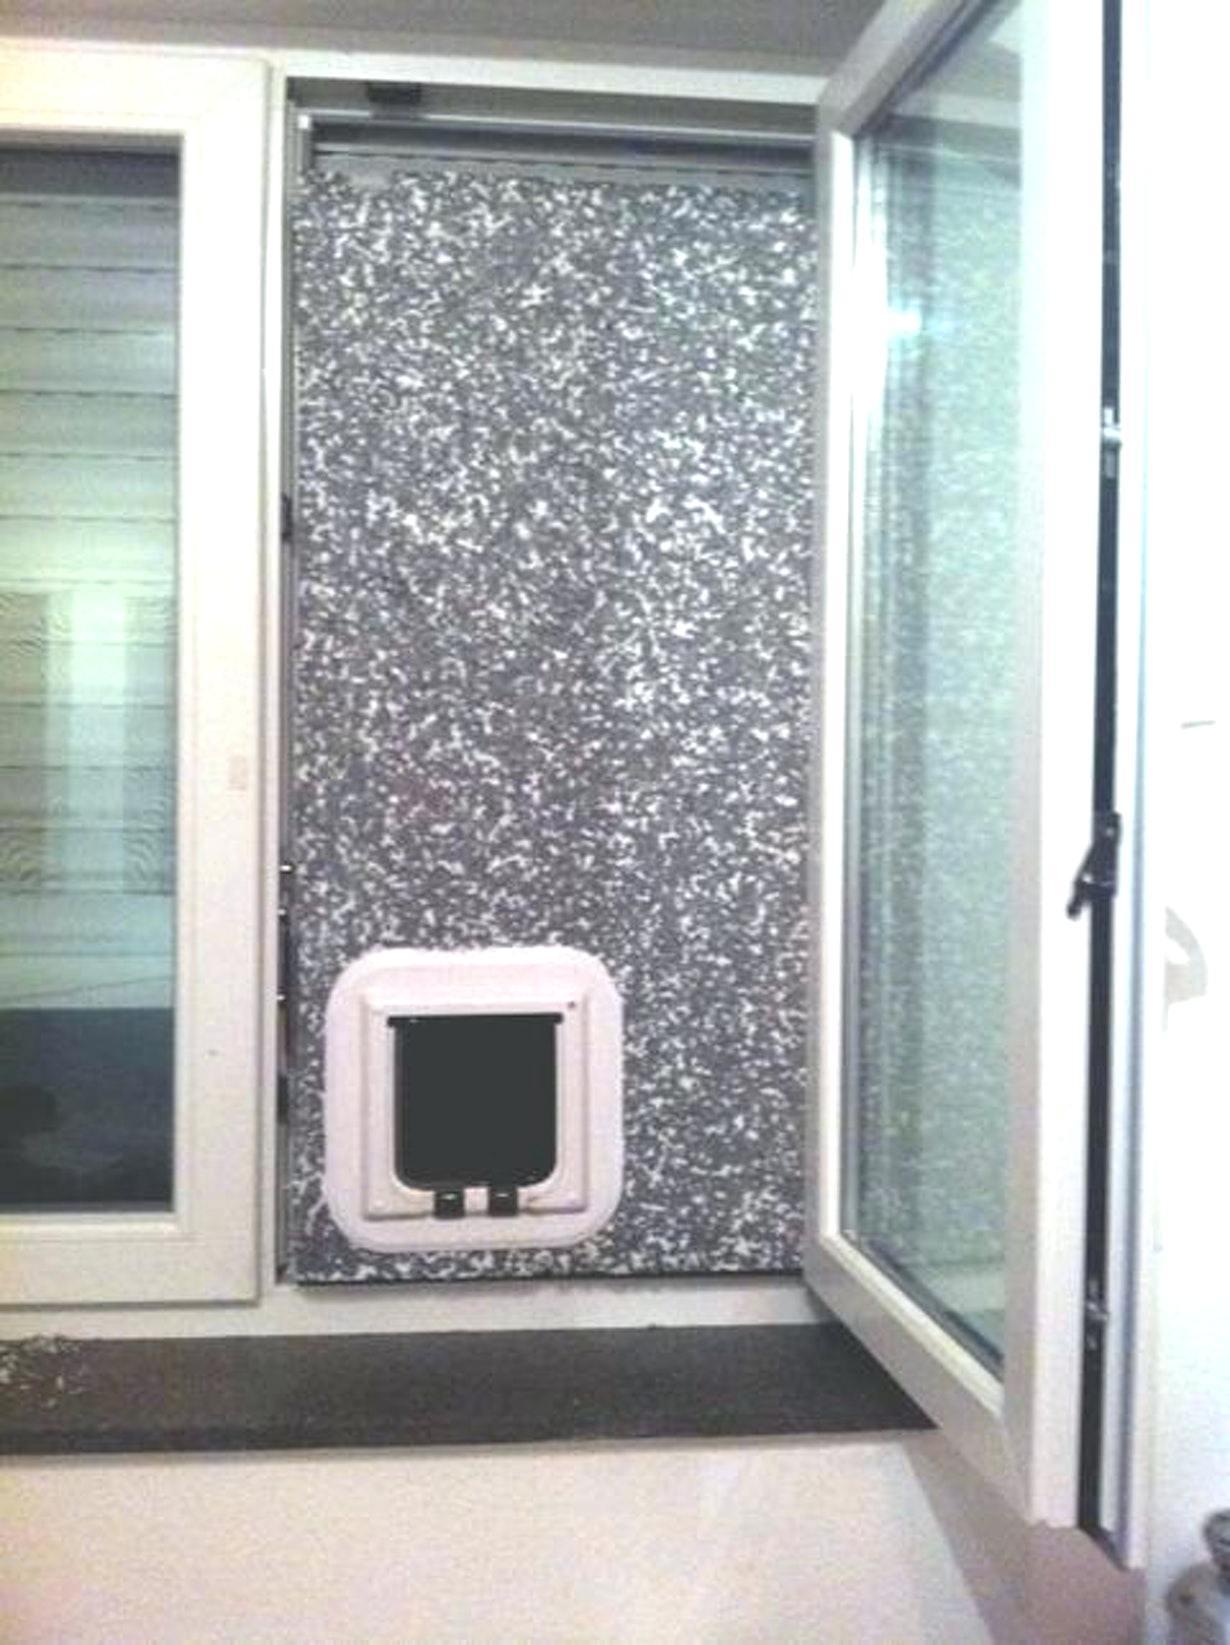 Full Size of Polnische Fenster Polen Fensterbauer Kaufen Online Firma Erfahrungen Mit Montage Einbau Suche Fensterhersteller Polnischefenster 24 Fensterwelten Aus Fenster Polnische Fenster